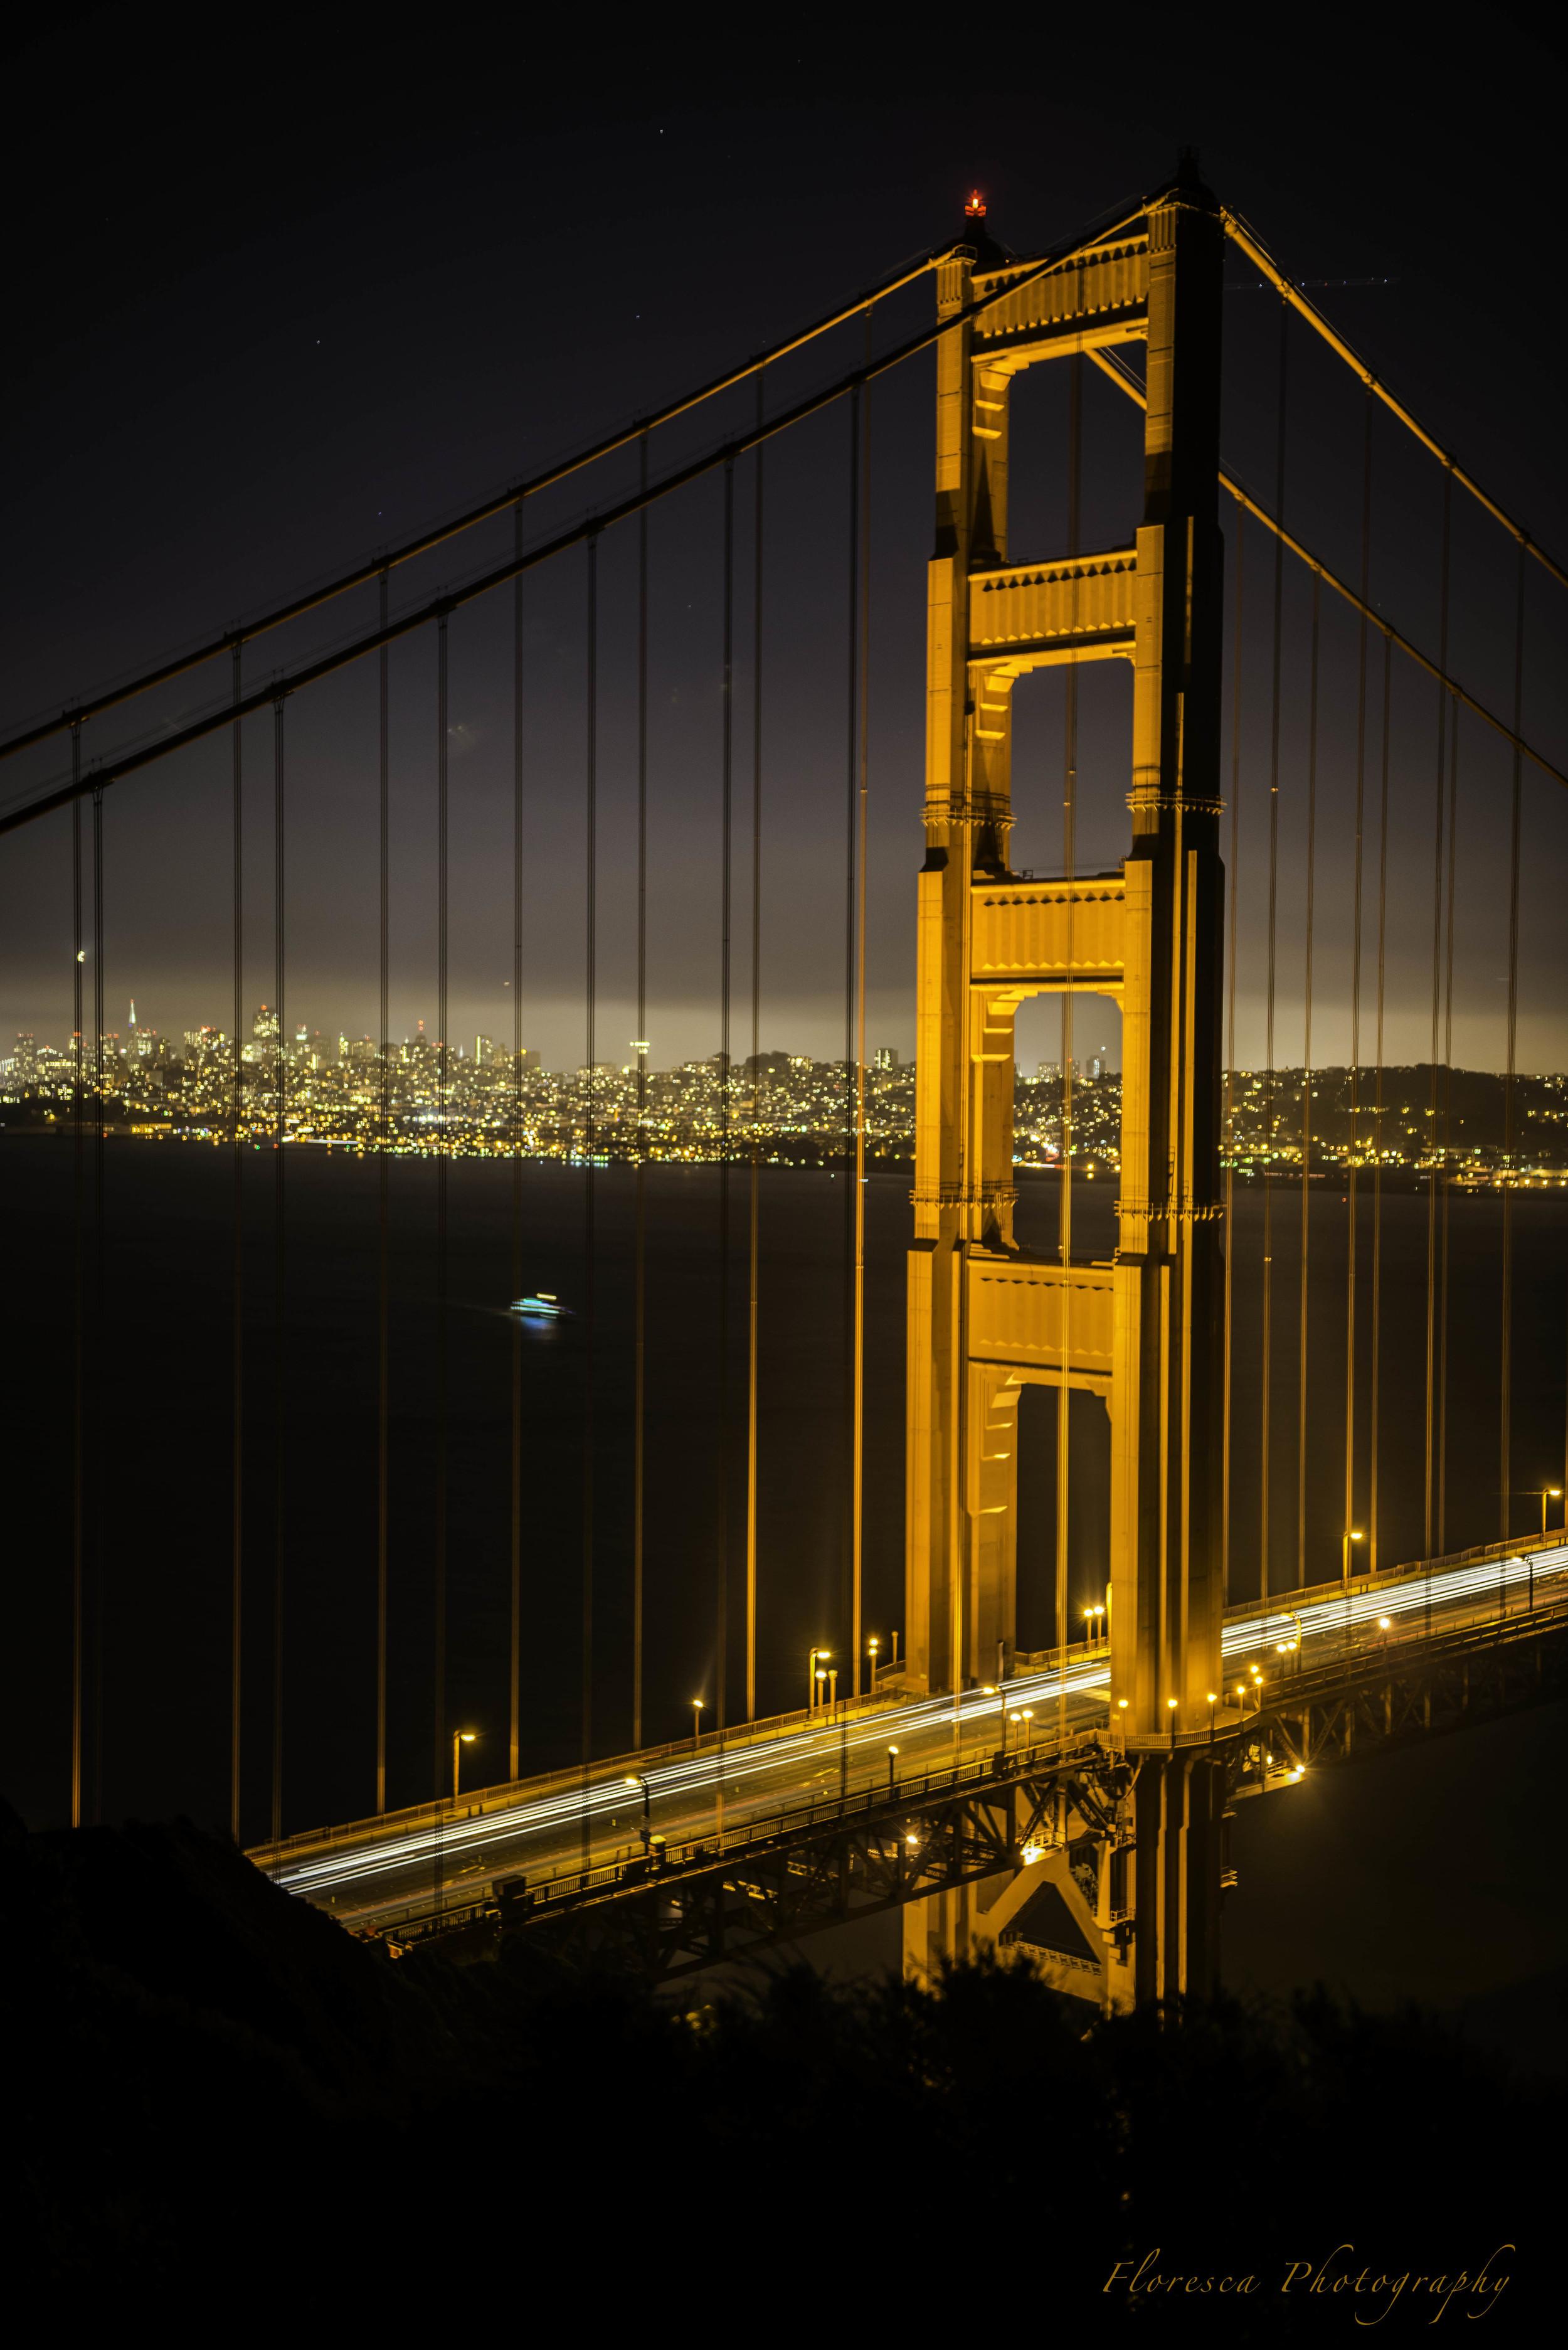 GoldenGateTowerAtNight.jpg